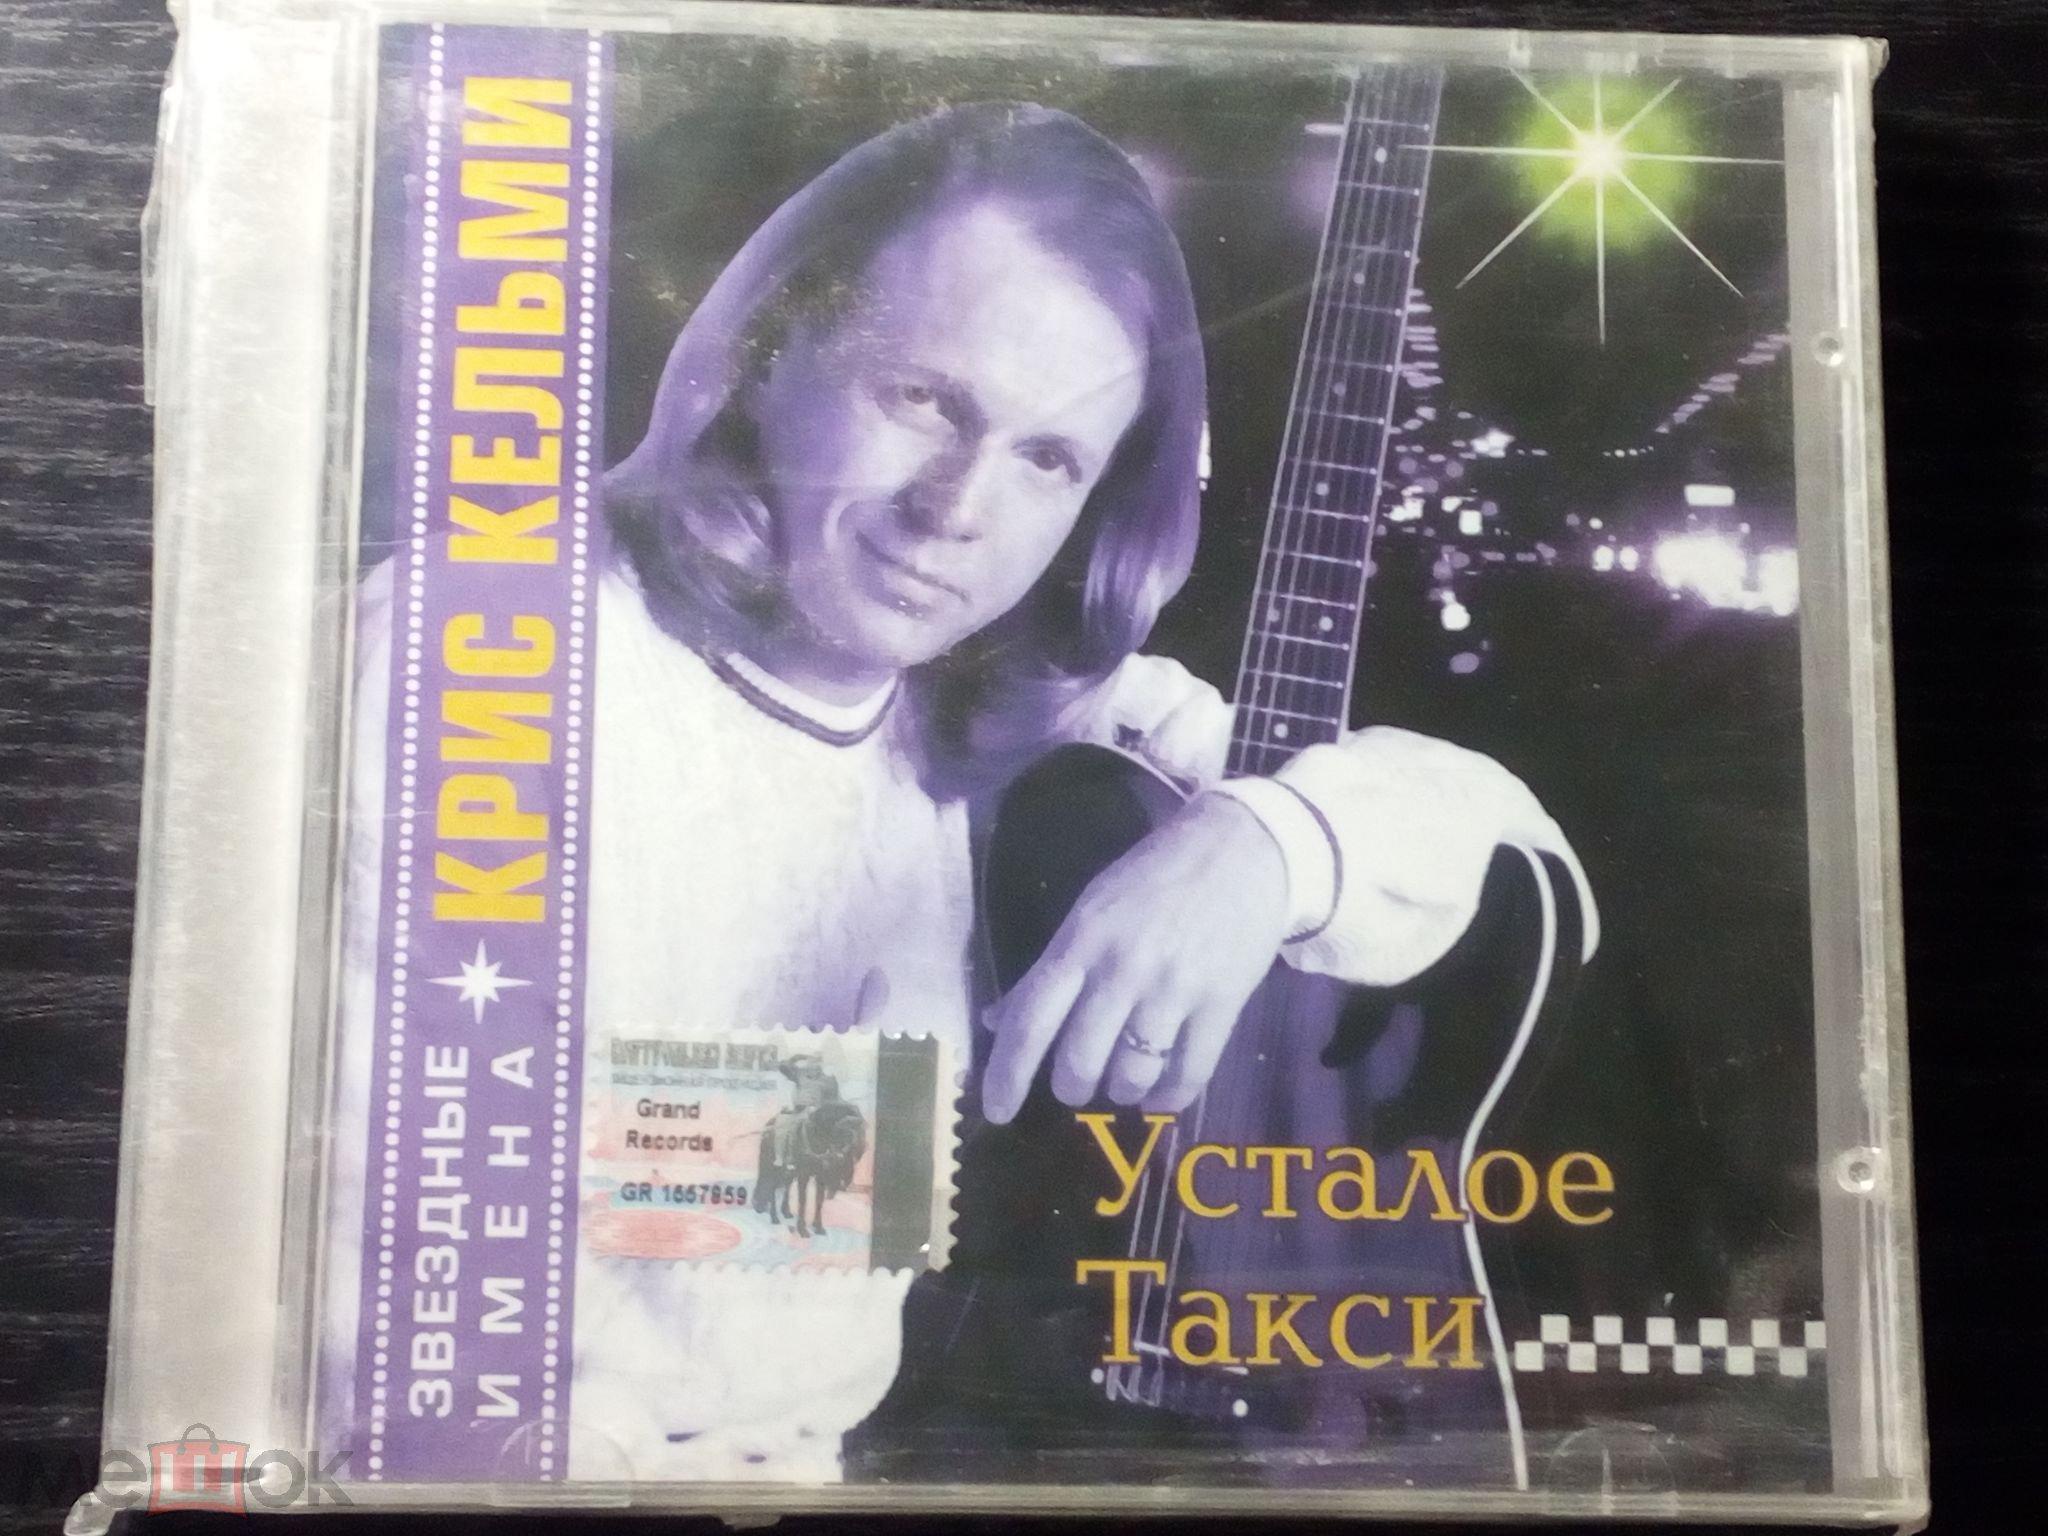 CD - Крис Кельми – Усталое Такси ( Синтез Продакшн )